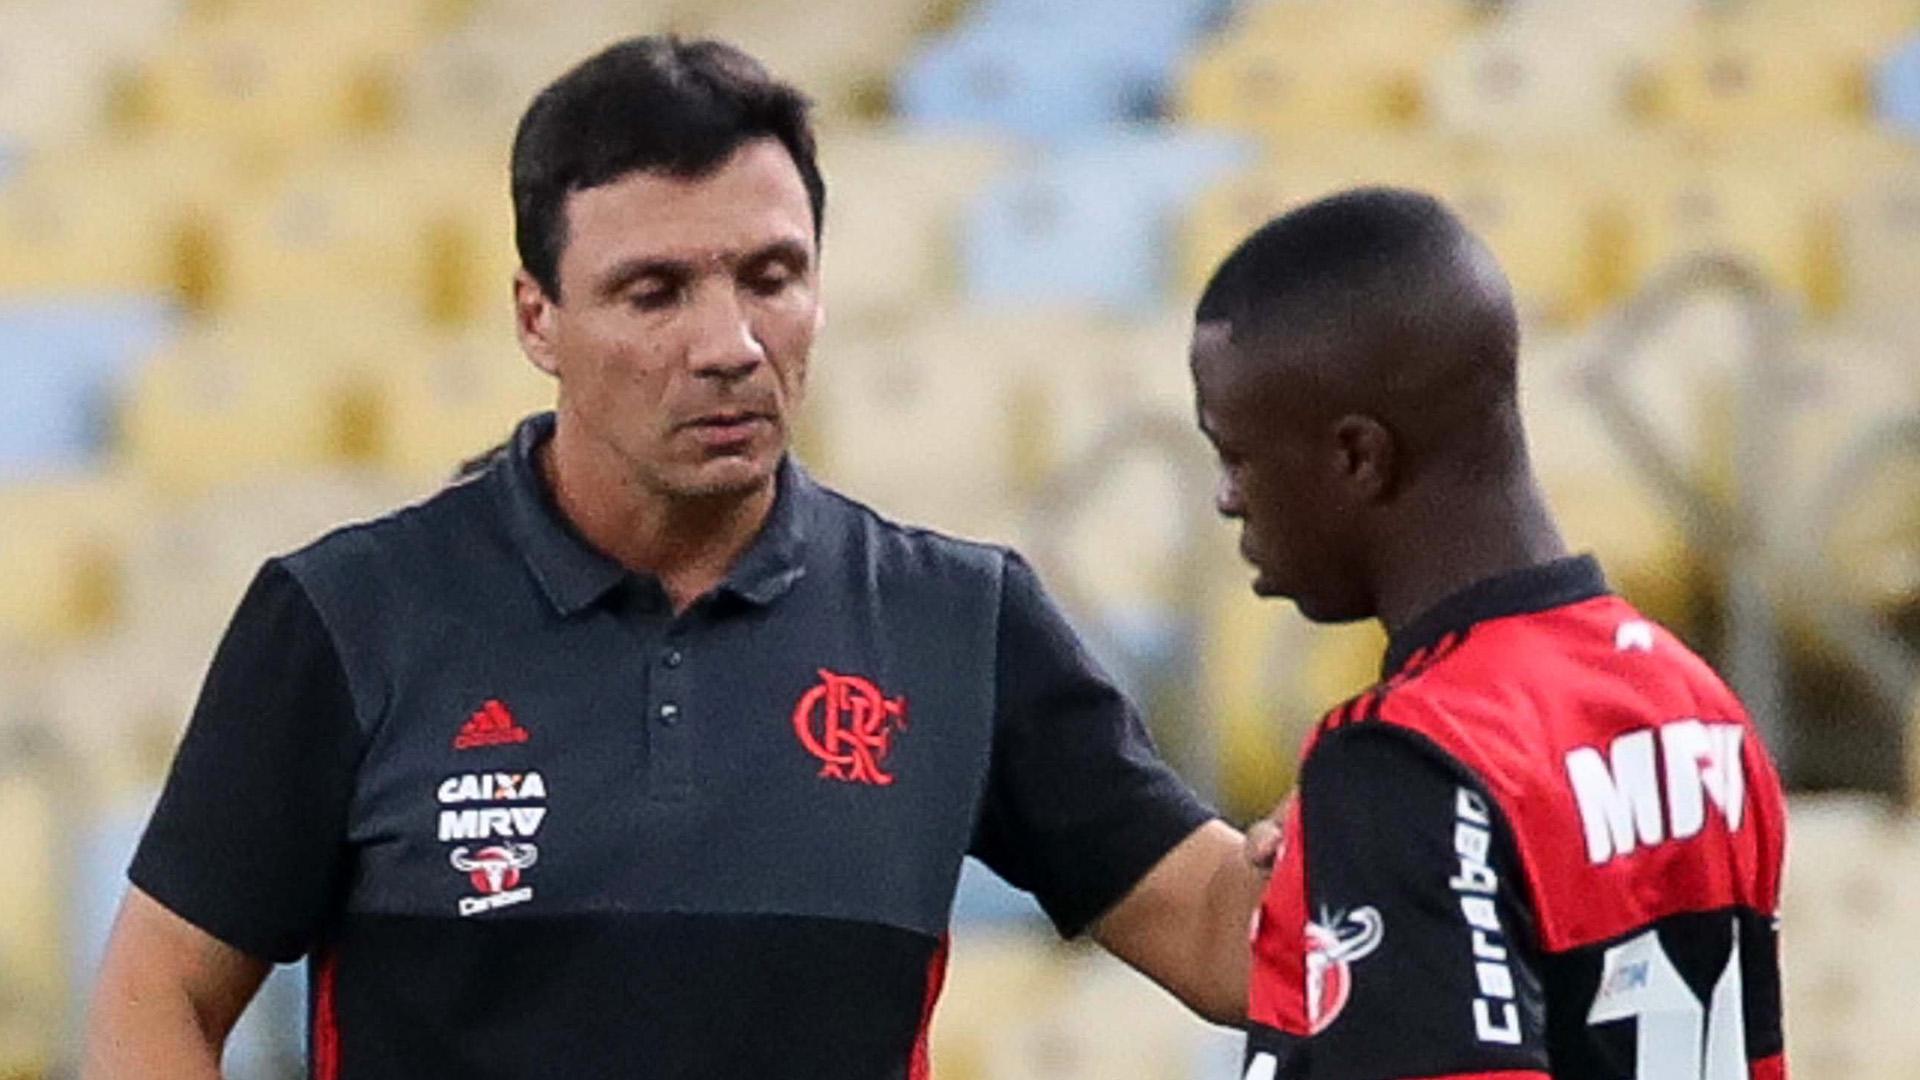 Vinicius Junior Ze Ricardo Flamengo Atletico-MG Brasileirao Serie A 13052017